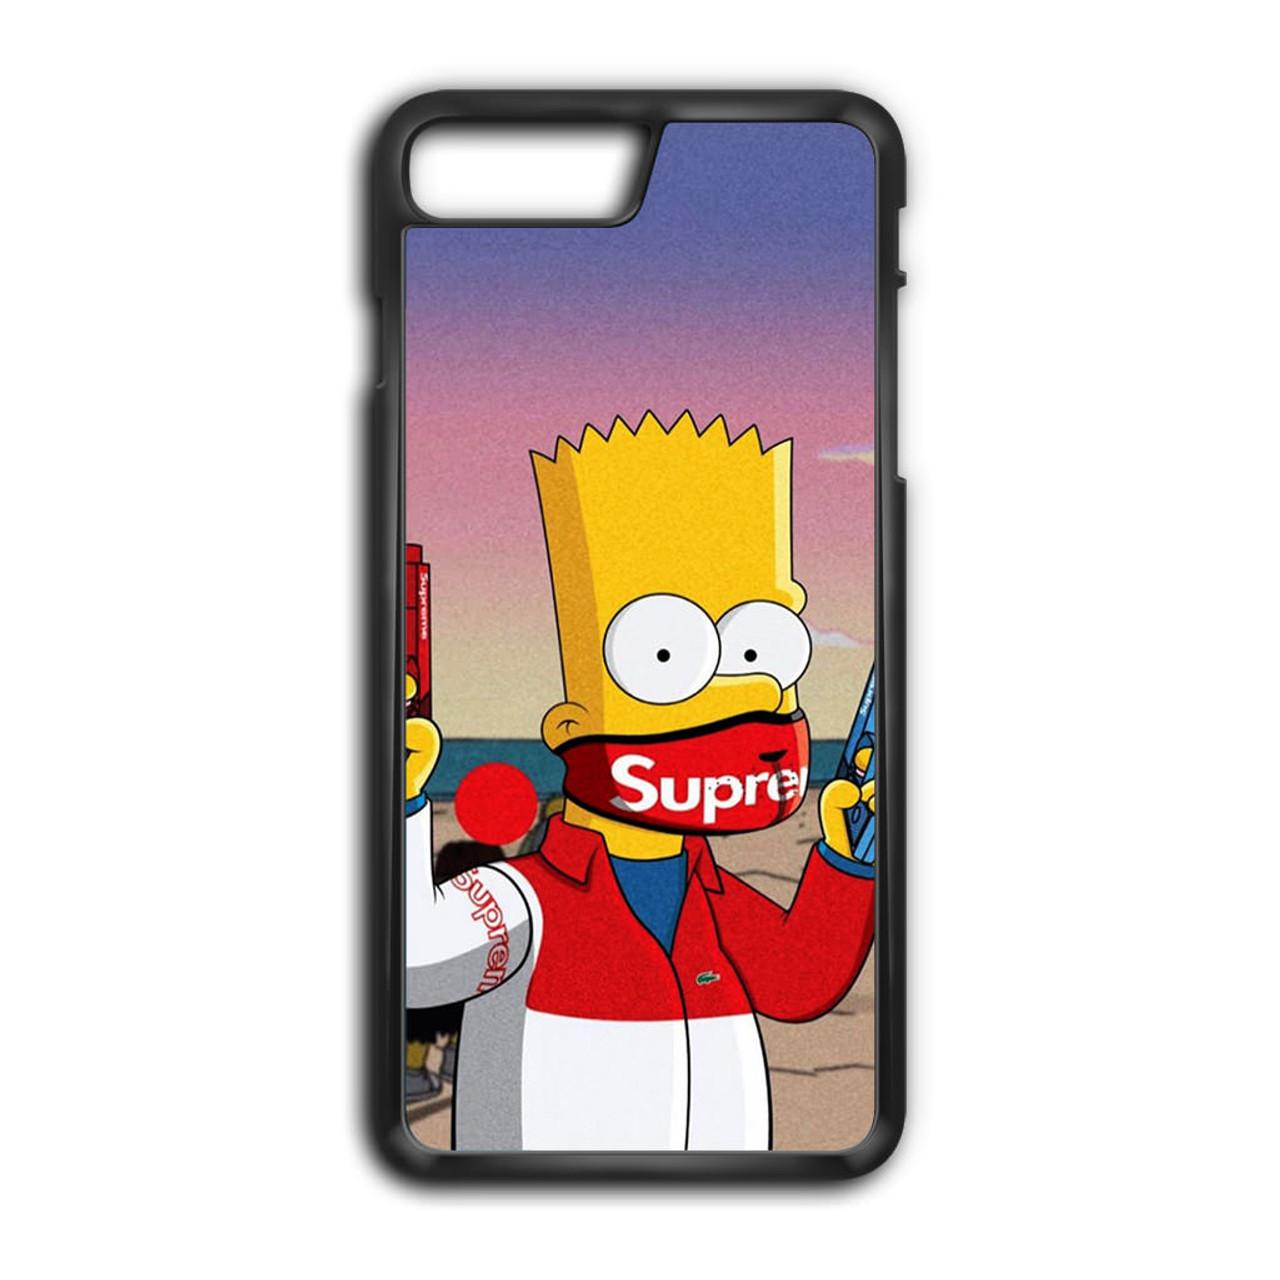 outlet store 42a8e 324de Bart Supreme iPhone 7 Plus Case